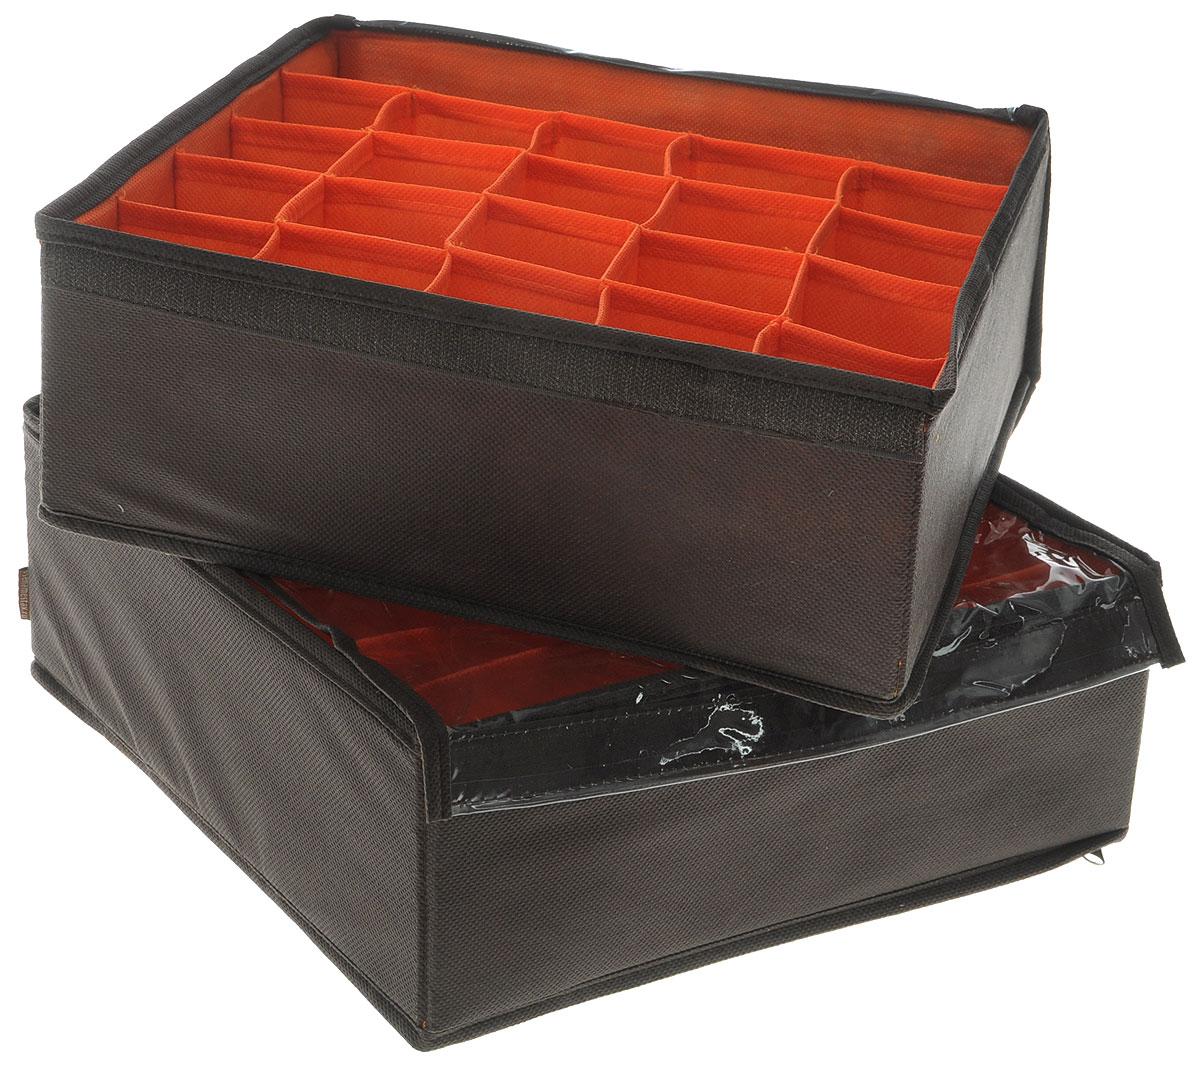 Набор органайзеров для белья Все на местах Классика, с крышкой, цвет: коричневый, оранжевый, 2 предмета1009015Набор состоит из двух органайзеров для хранения косметики и аксессуаров, а также белья.Изделия выполнены из высококачественного нетканого материала (спанбонда), которыйобеспечивает естественную вентиляцию, позволяя воздуху проникать внутрь, но не пропускаетпыль. Вставки из ПВХ хорошо держат форму.Набор органайзеров поможет привести элементы женского туалета или белья в порядок. Оригинальный дизайн придется по вкусу ценительницам эстетичного хранения. Размер органайзеров: 32 см х 32 см х 11 см.